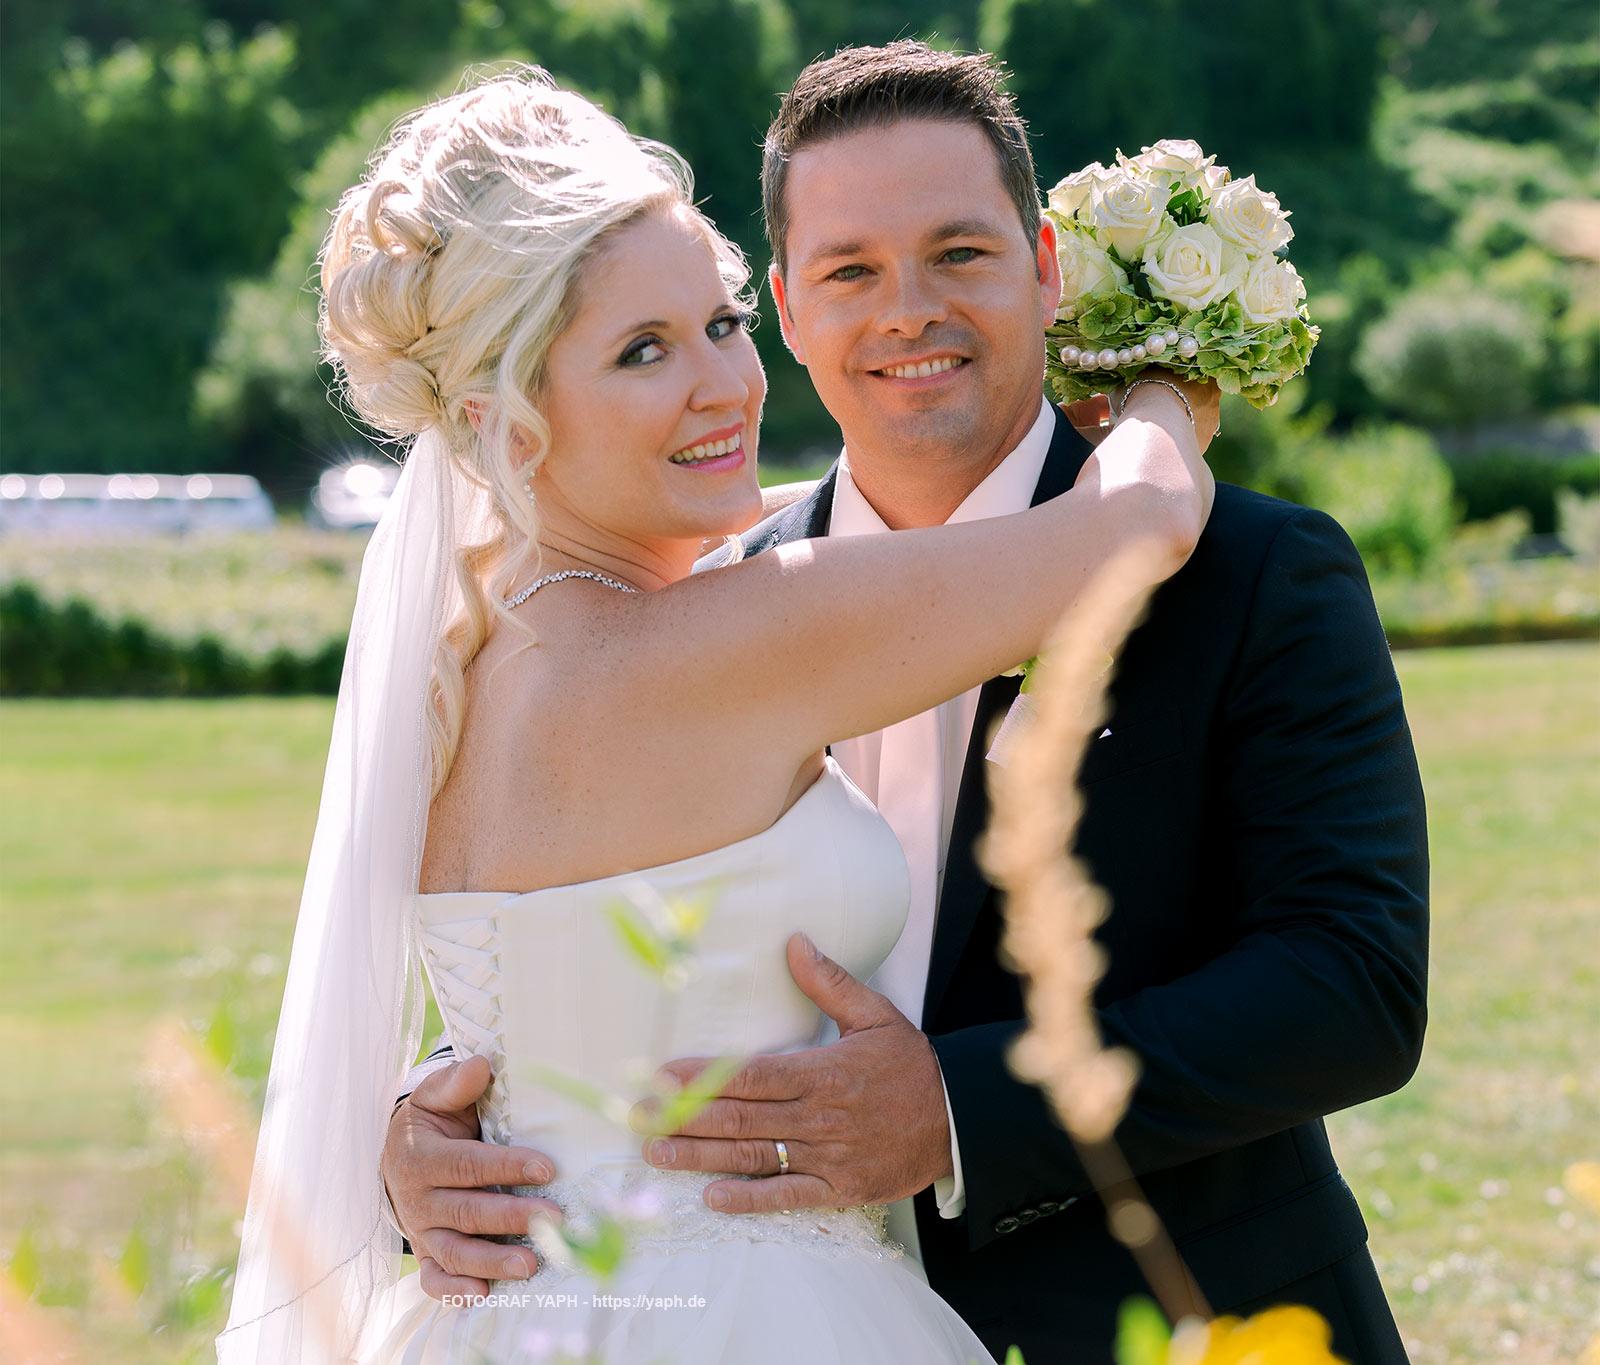 Hochzeitsfotografie Yaph und Claudia Gabriele in Trier -Fotograf für Hochzeit von Nadine und Jörg